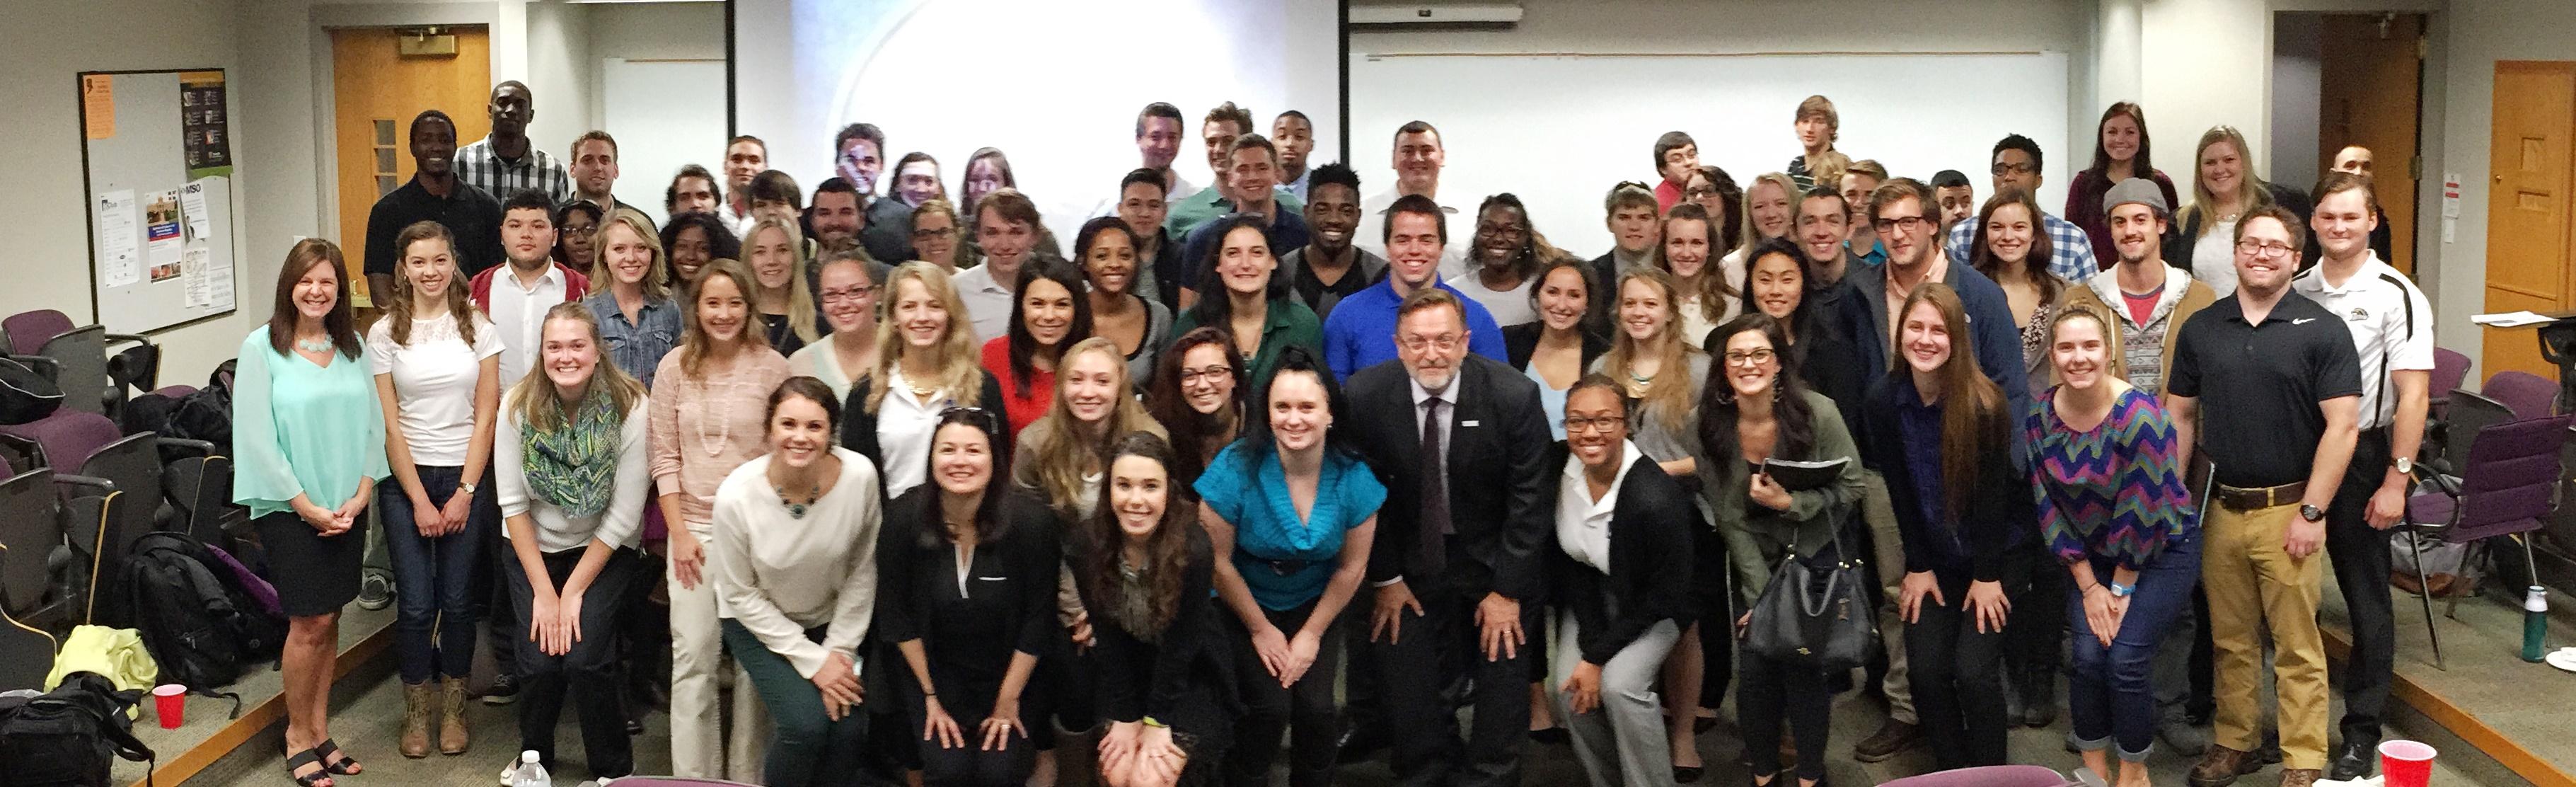 Students at Pure Michigan presentation